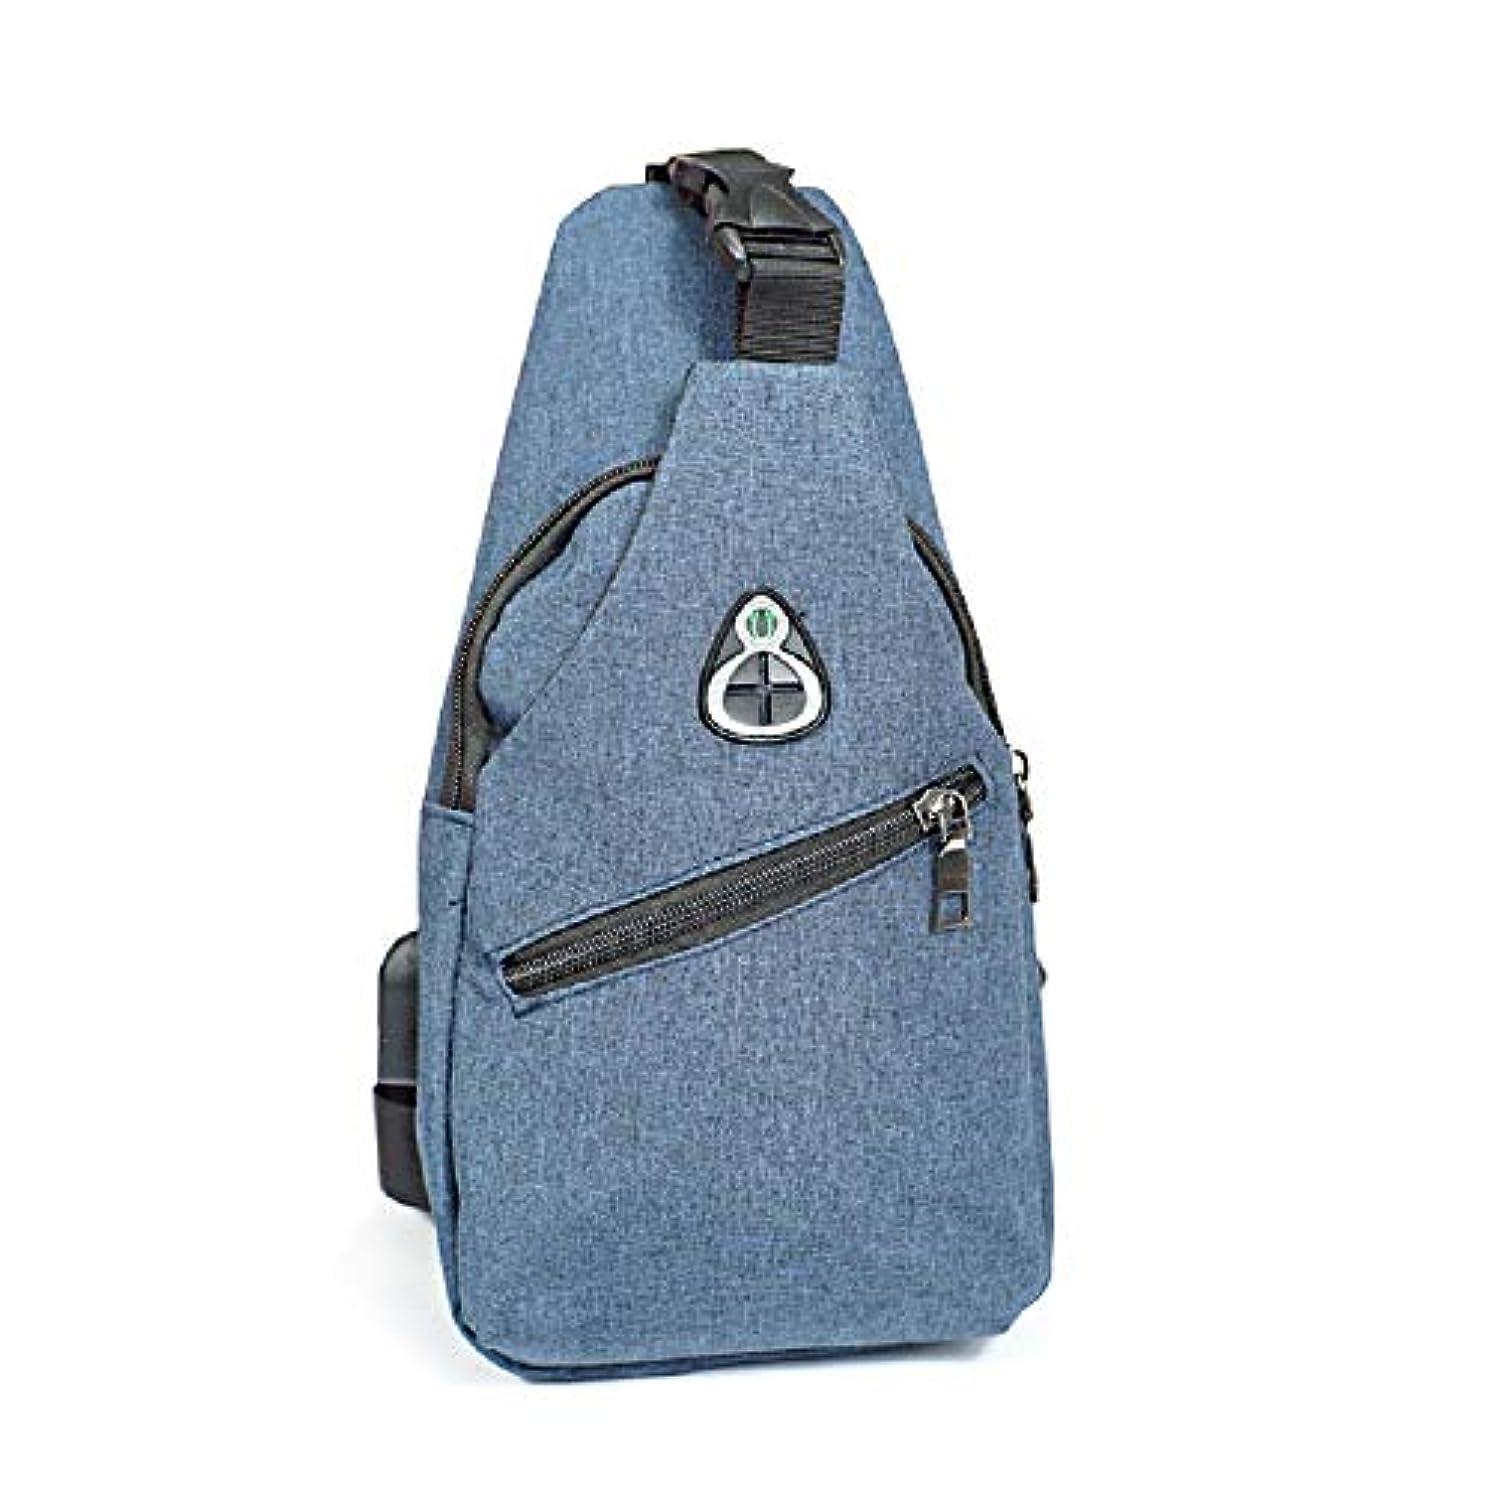 サミット素晴らしい良い多くの放棄するクリエイティブ屋外旅行オックスフォード布Usb充電メンズ小さな胸多機能メッセンジャーバッグ (Color : A, Size : 16*32cm/6.3*12.6in)